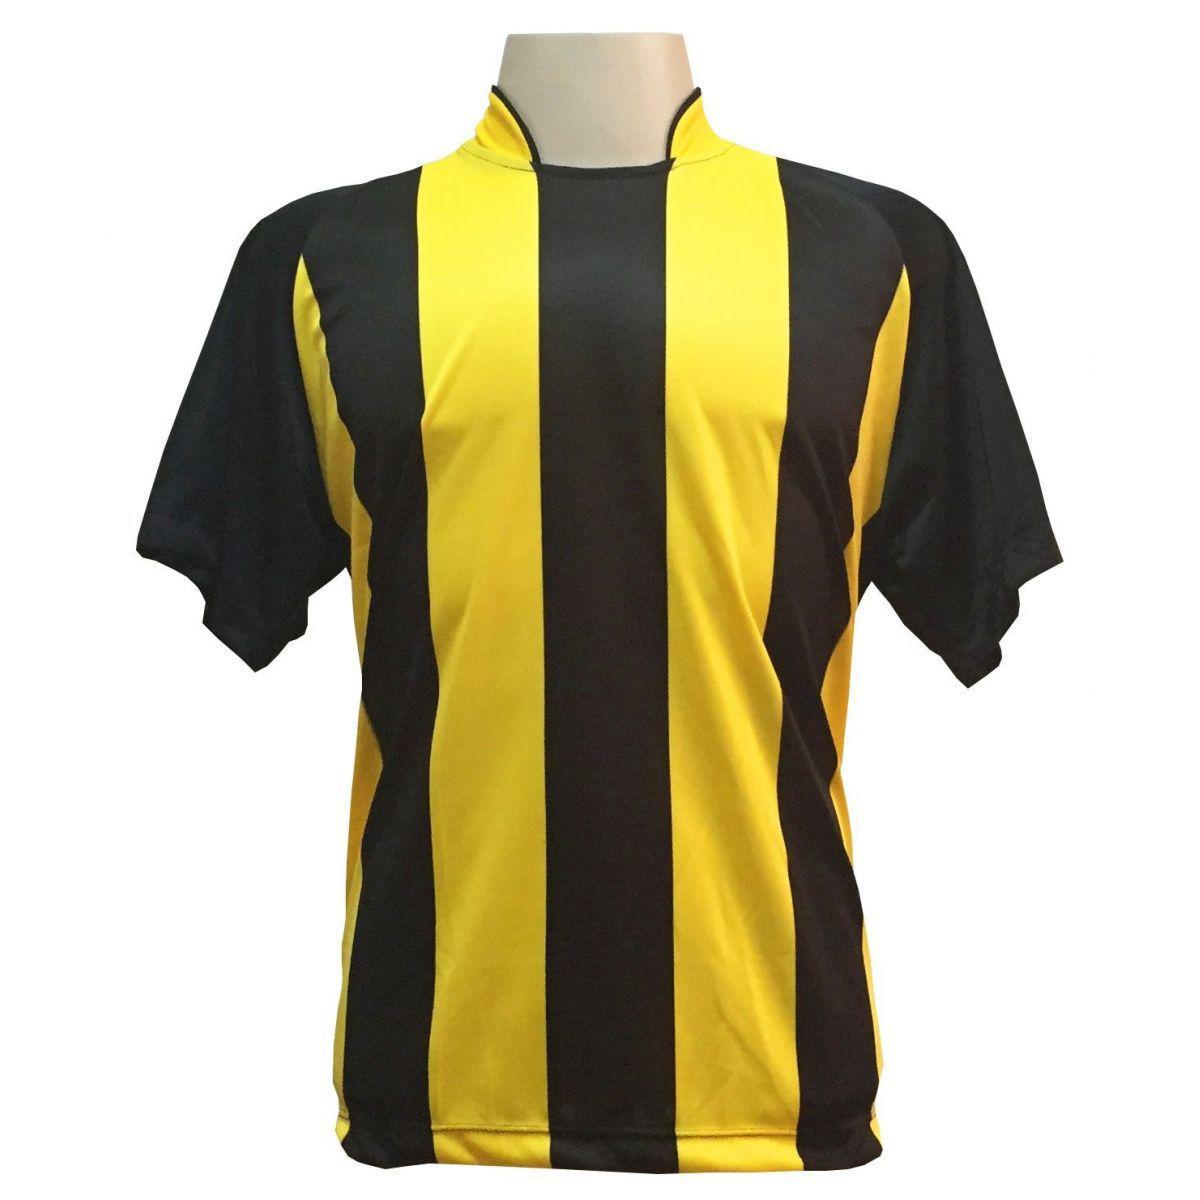 Uniforme Esportivo com 12 camisas modelo Milan Preto Amarelo + 12 calções  modelo Copa + 1 Goleiro + Brindes - Play fair - Futebol - Magazine Luiza 7b3c65e21337a